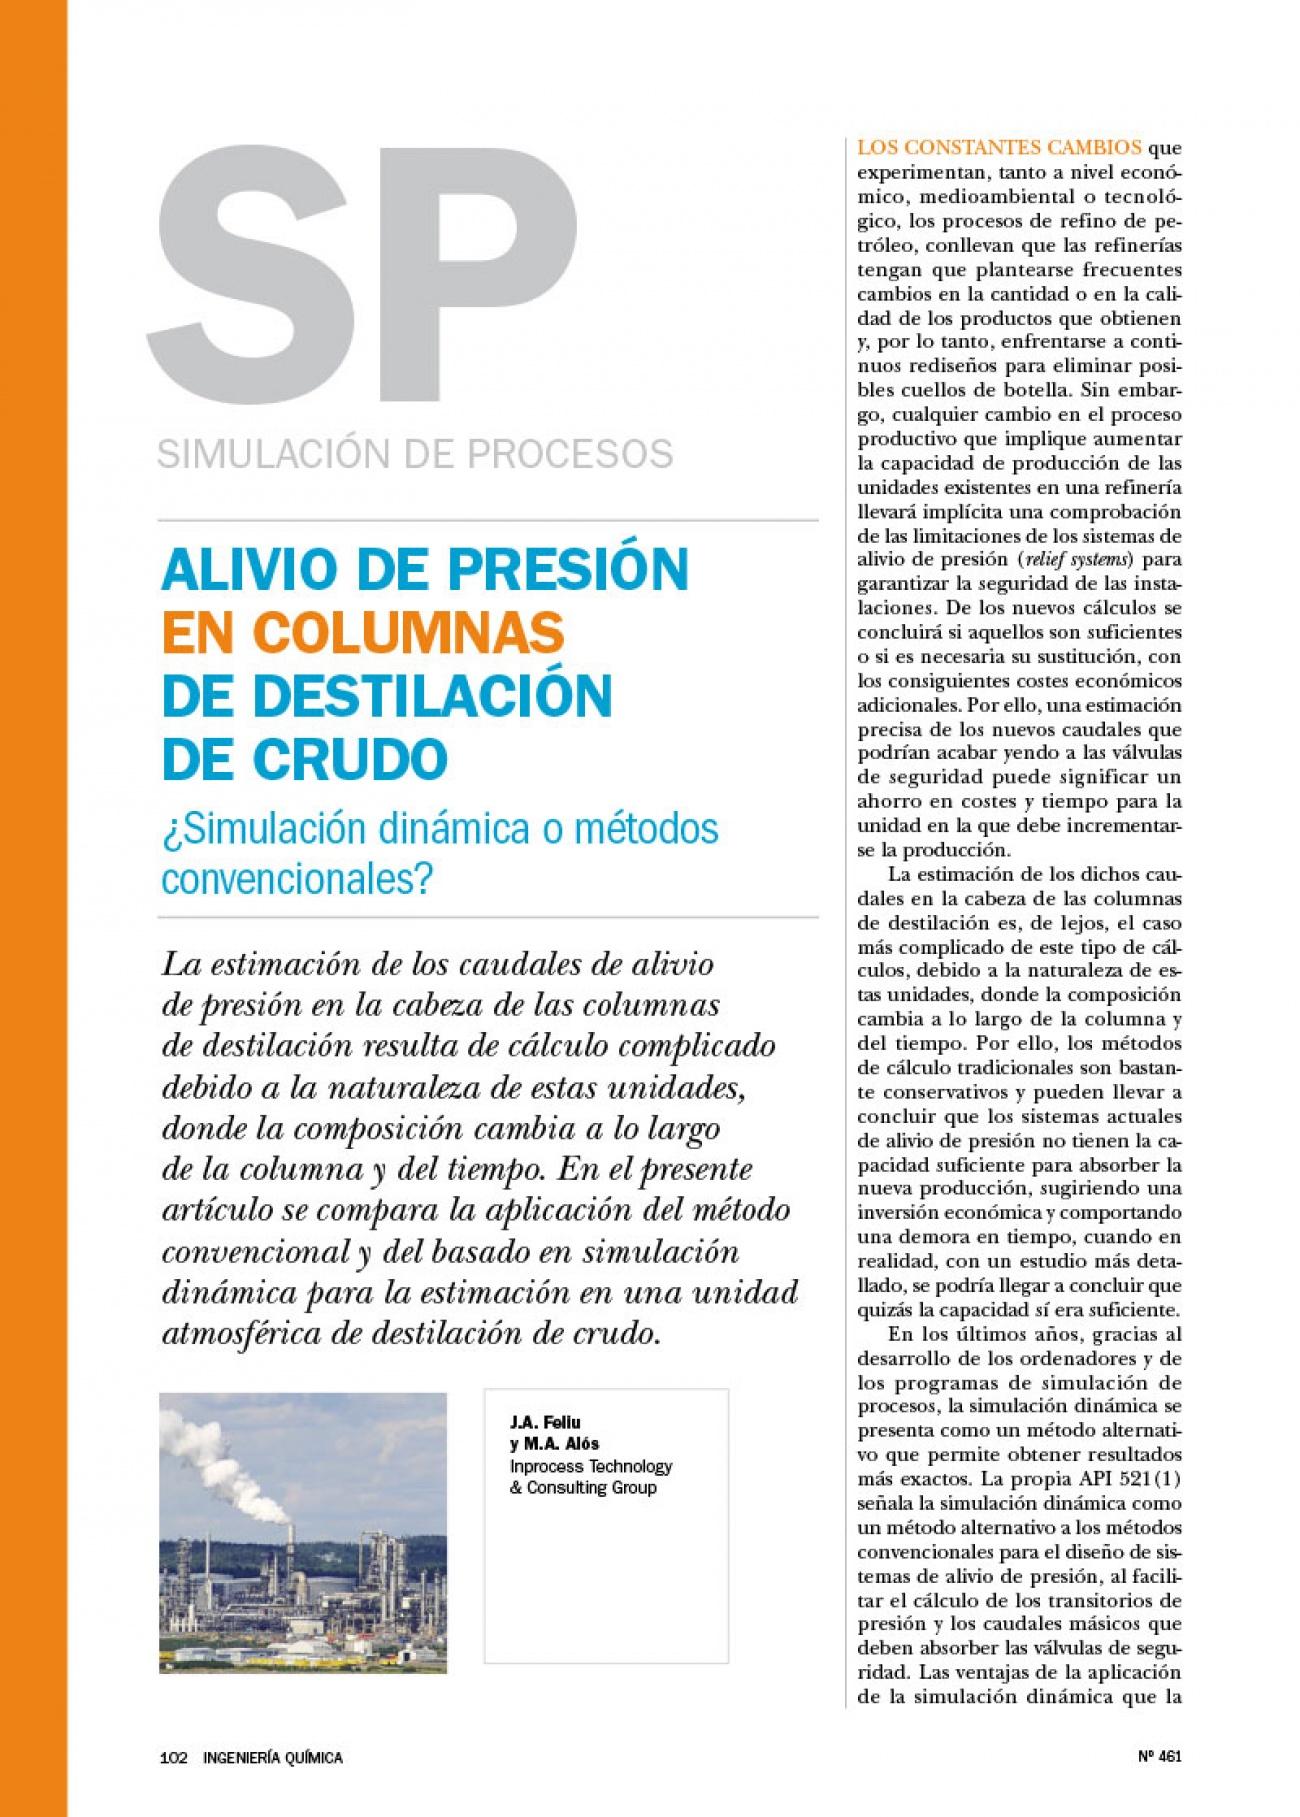 inprocess Alivio de presión en columnas de destilación de crudo (Spanish)